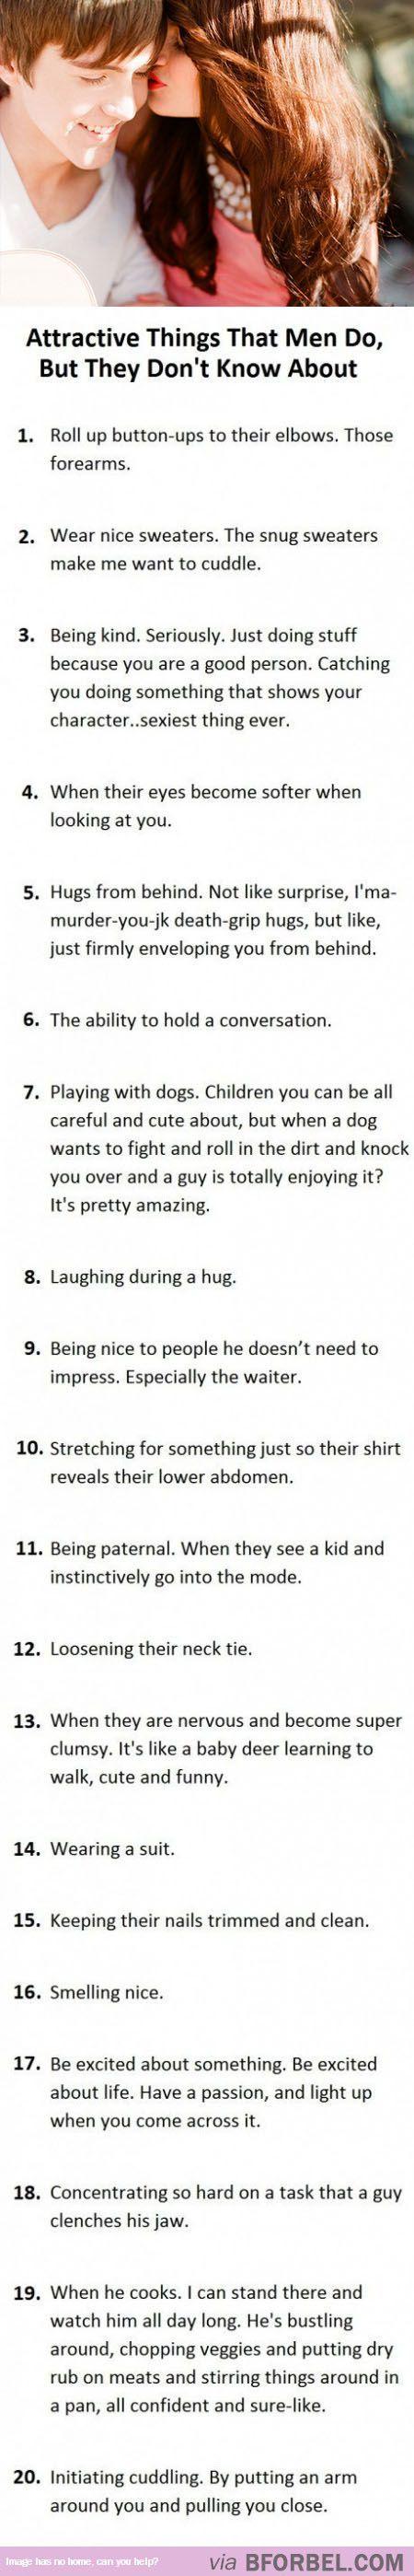 Do sexy things boys 9 Things